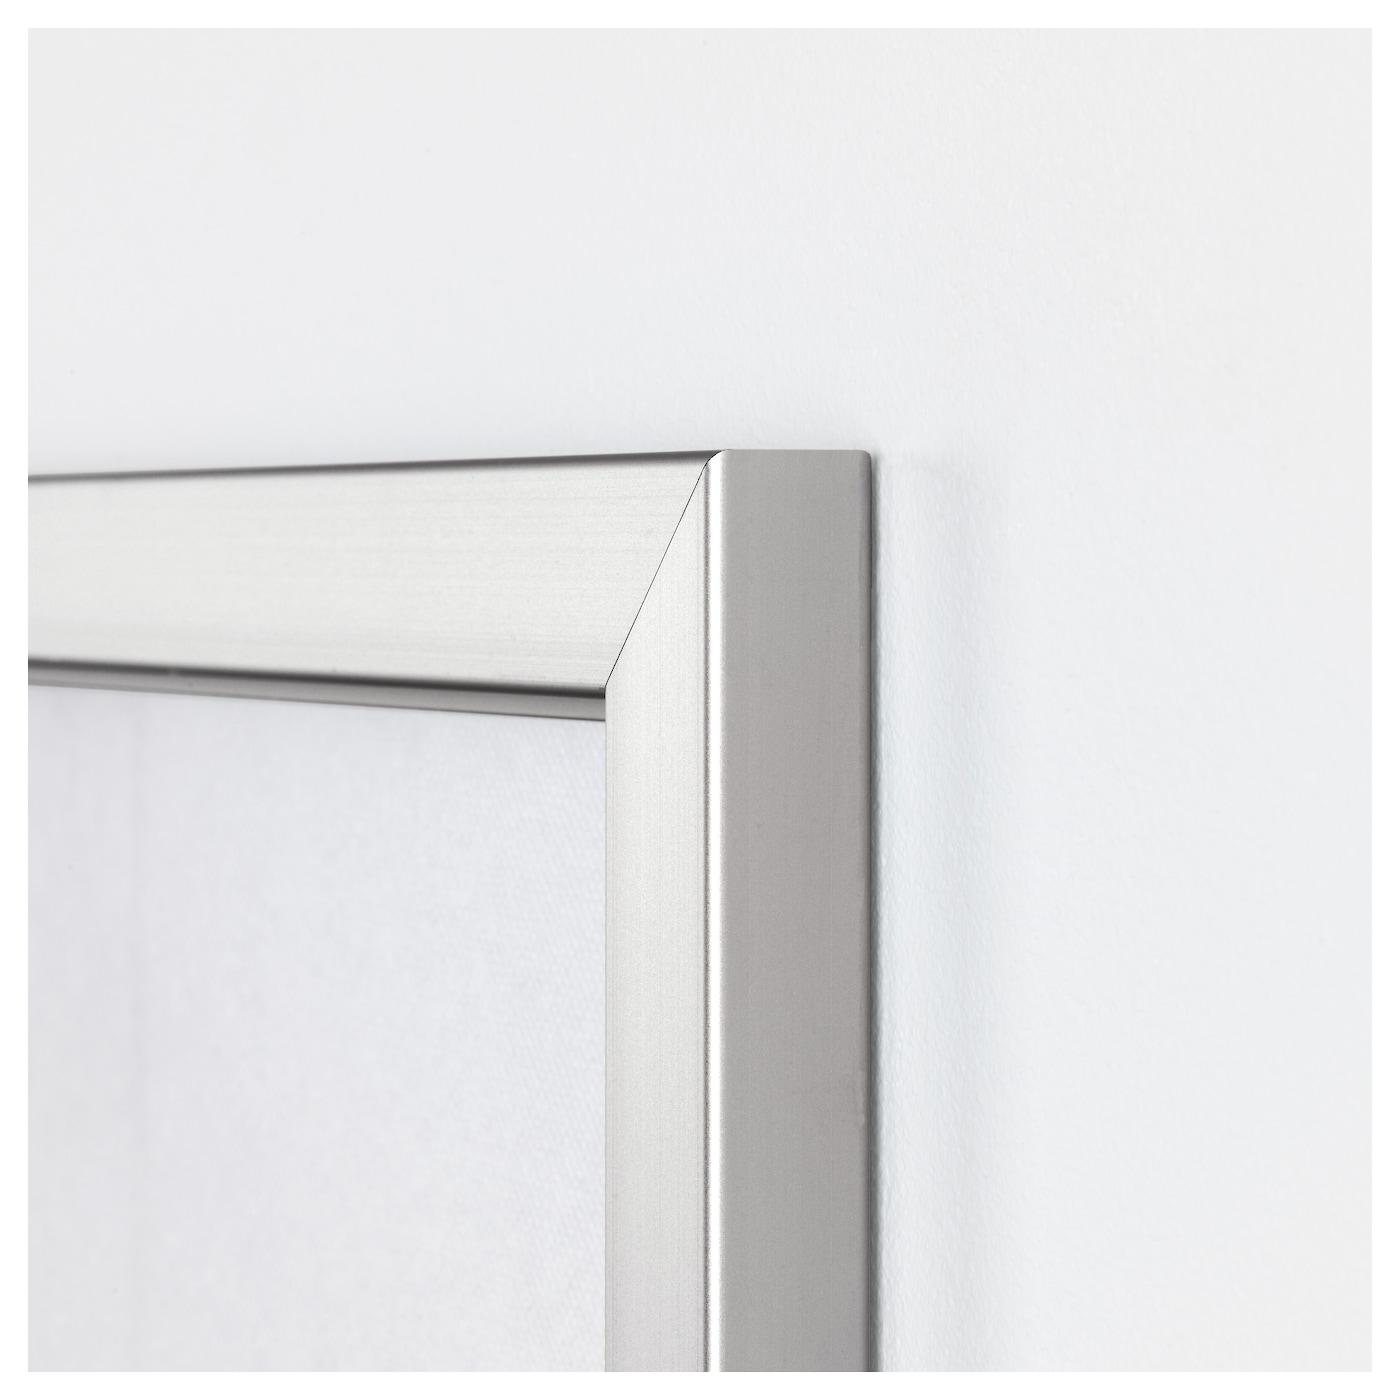 BJÖRKSTA Imagen+marco Luces nueva york/color de aluminio 200 x 140 ...